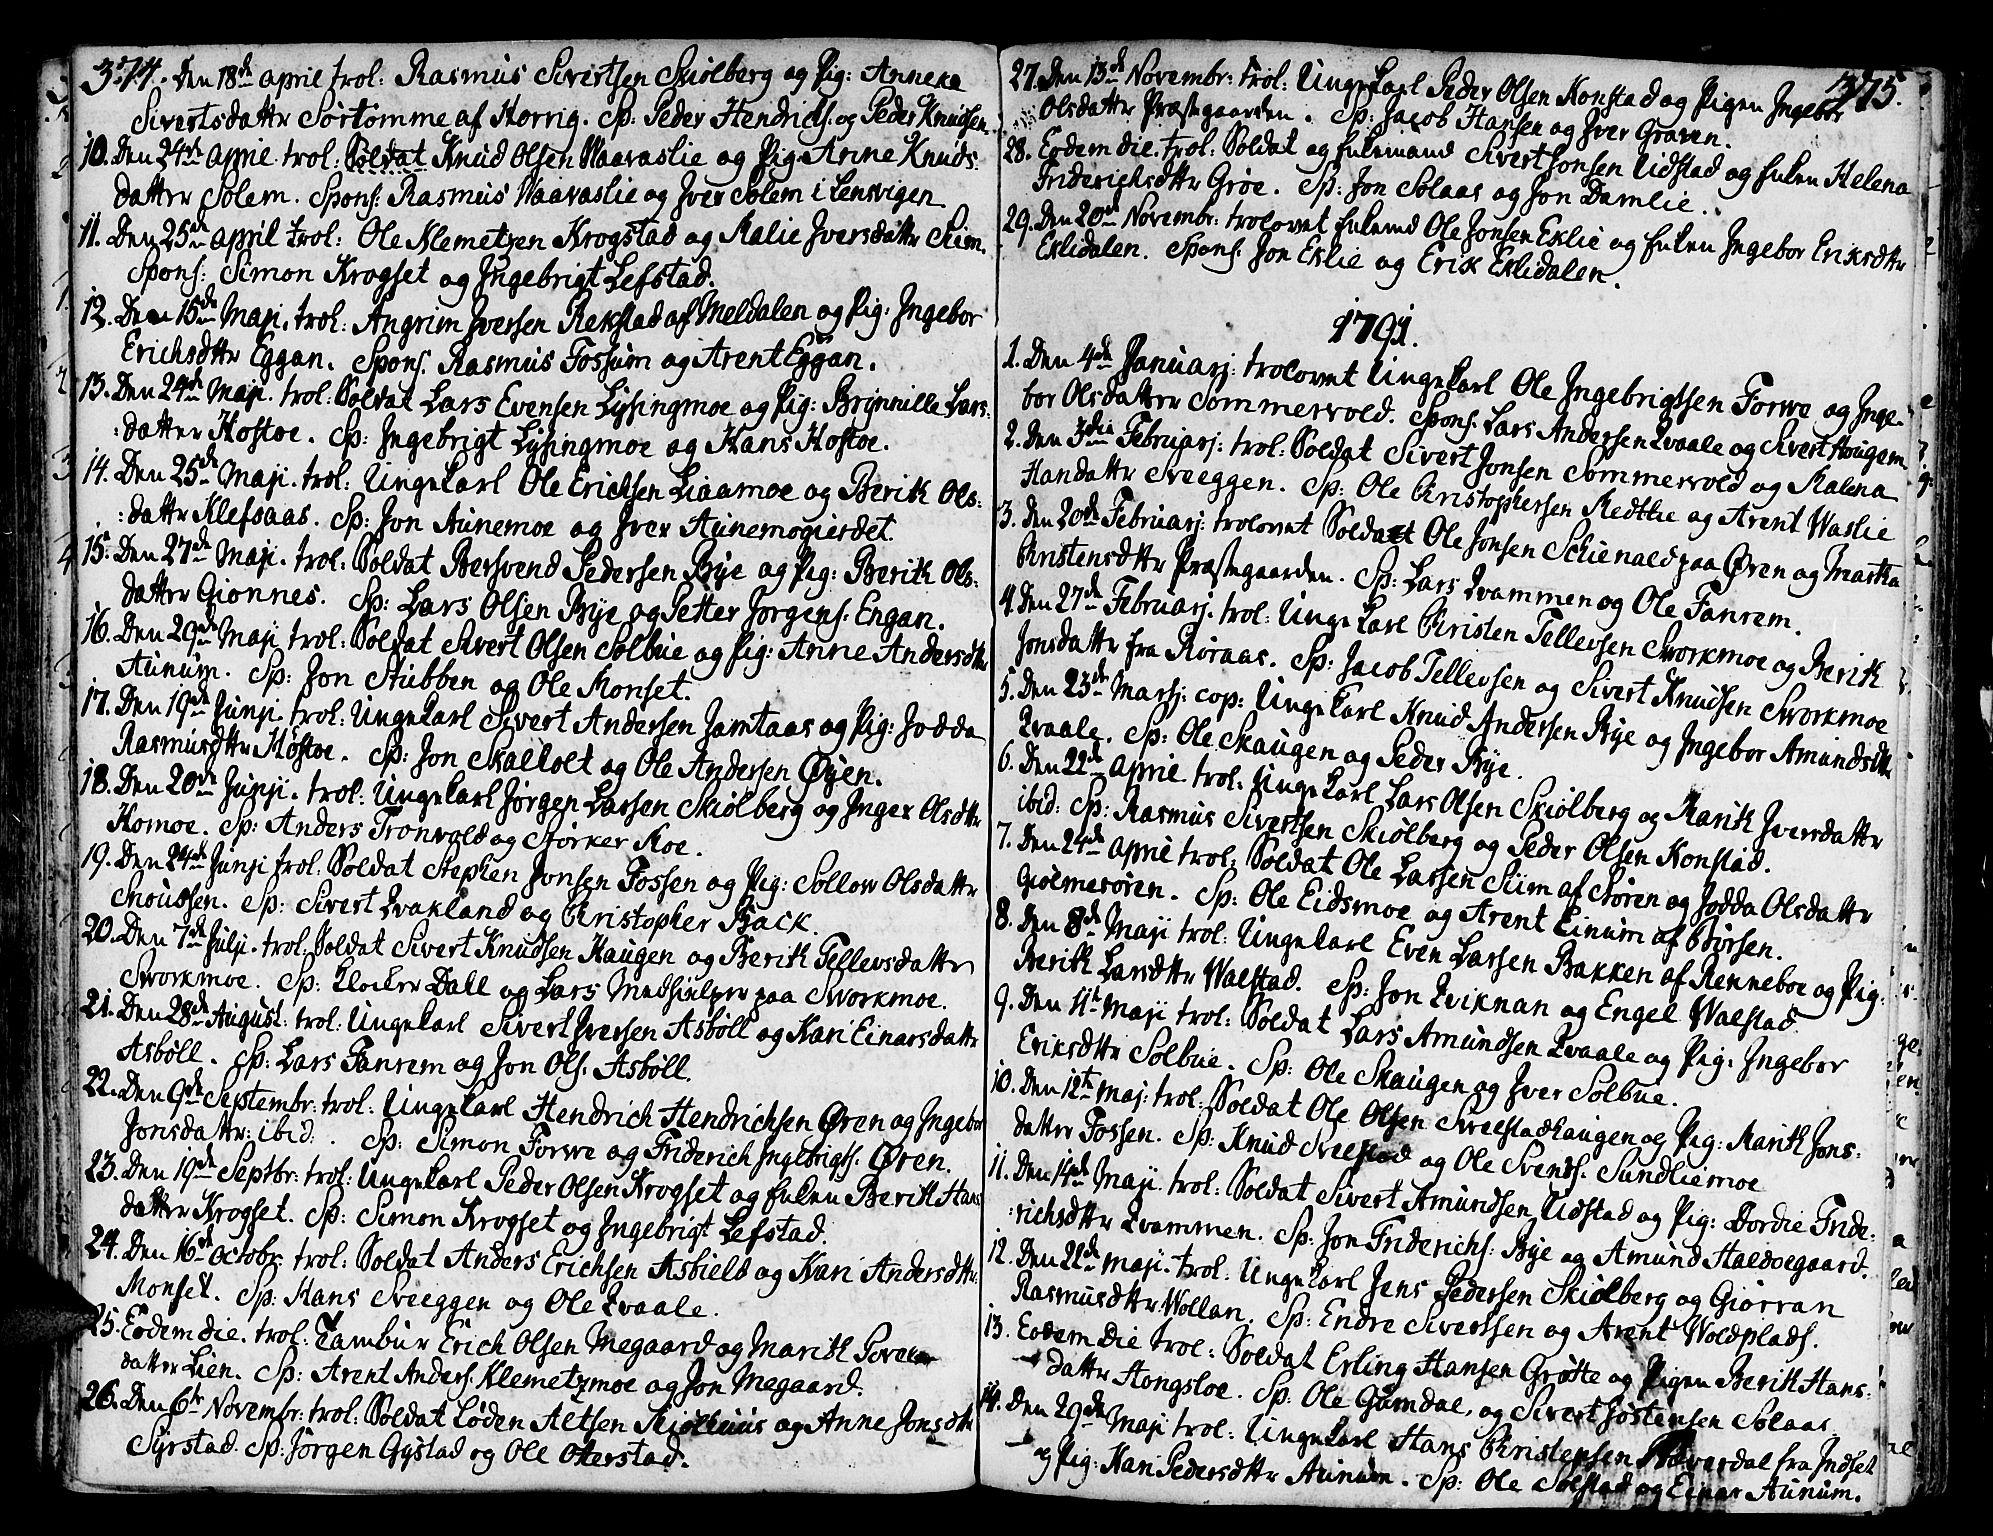 SAT, Ministerialprotokoller, klokkerbøker og fødselsregistre - Sør-Trøndelag, 668/L0802: Ministerialbok nr. 668A02, 1776-1799, s. 374-375